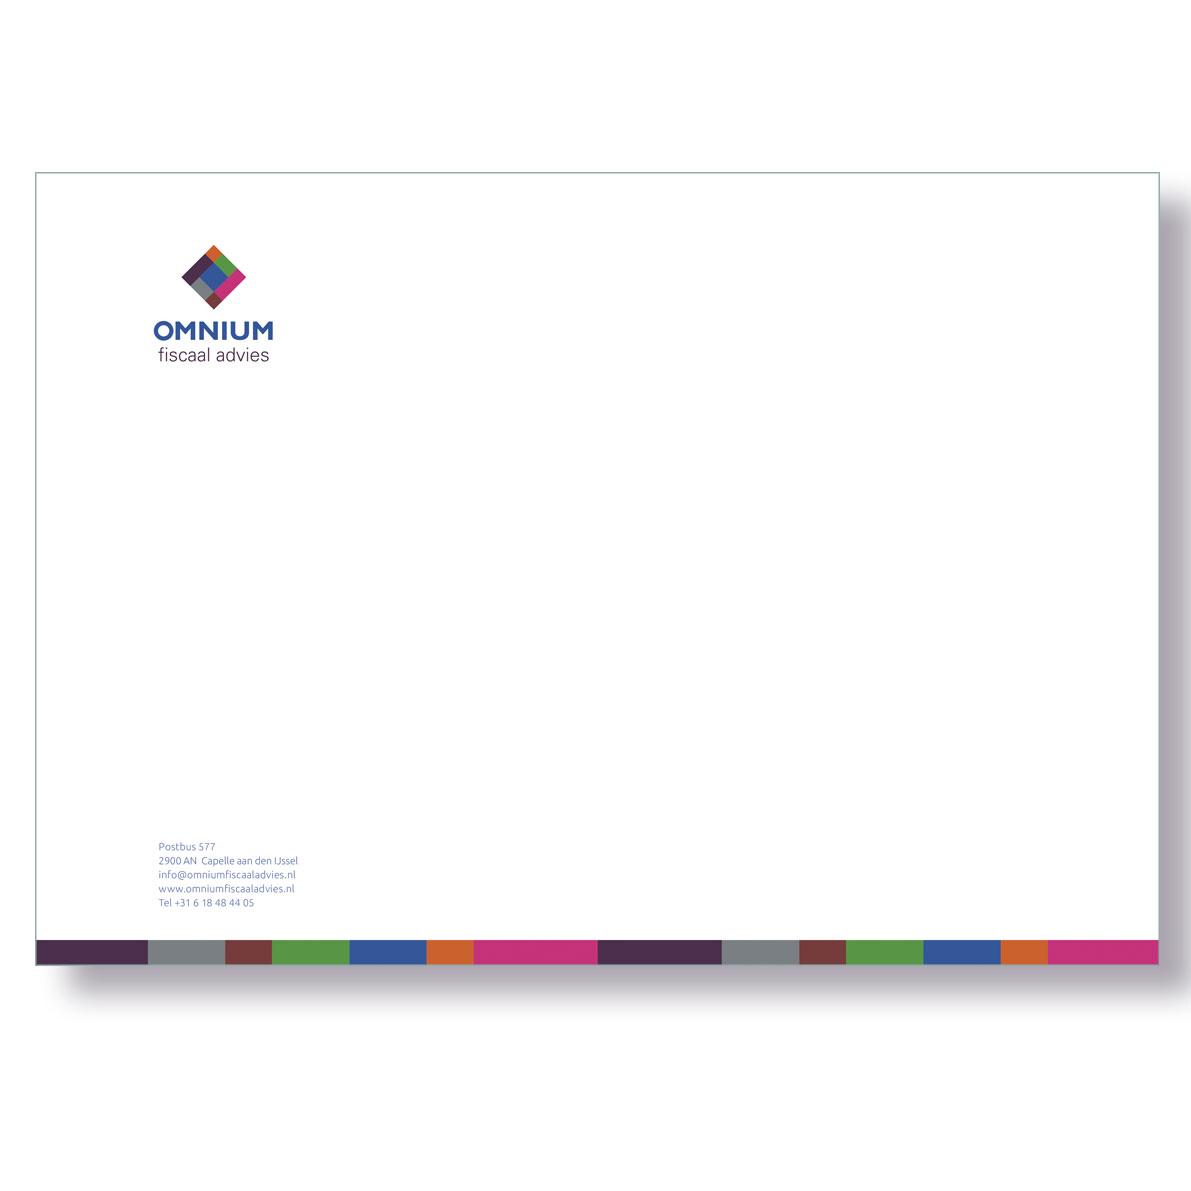 Omnium-envelop